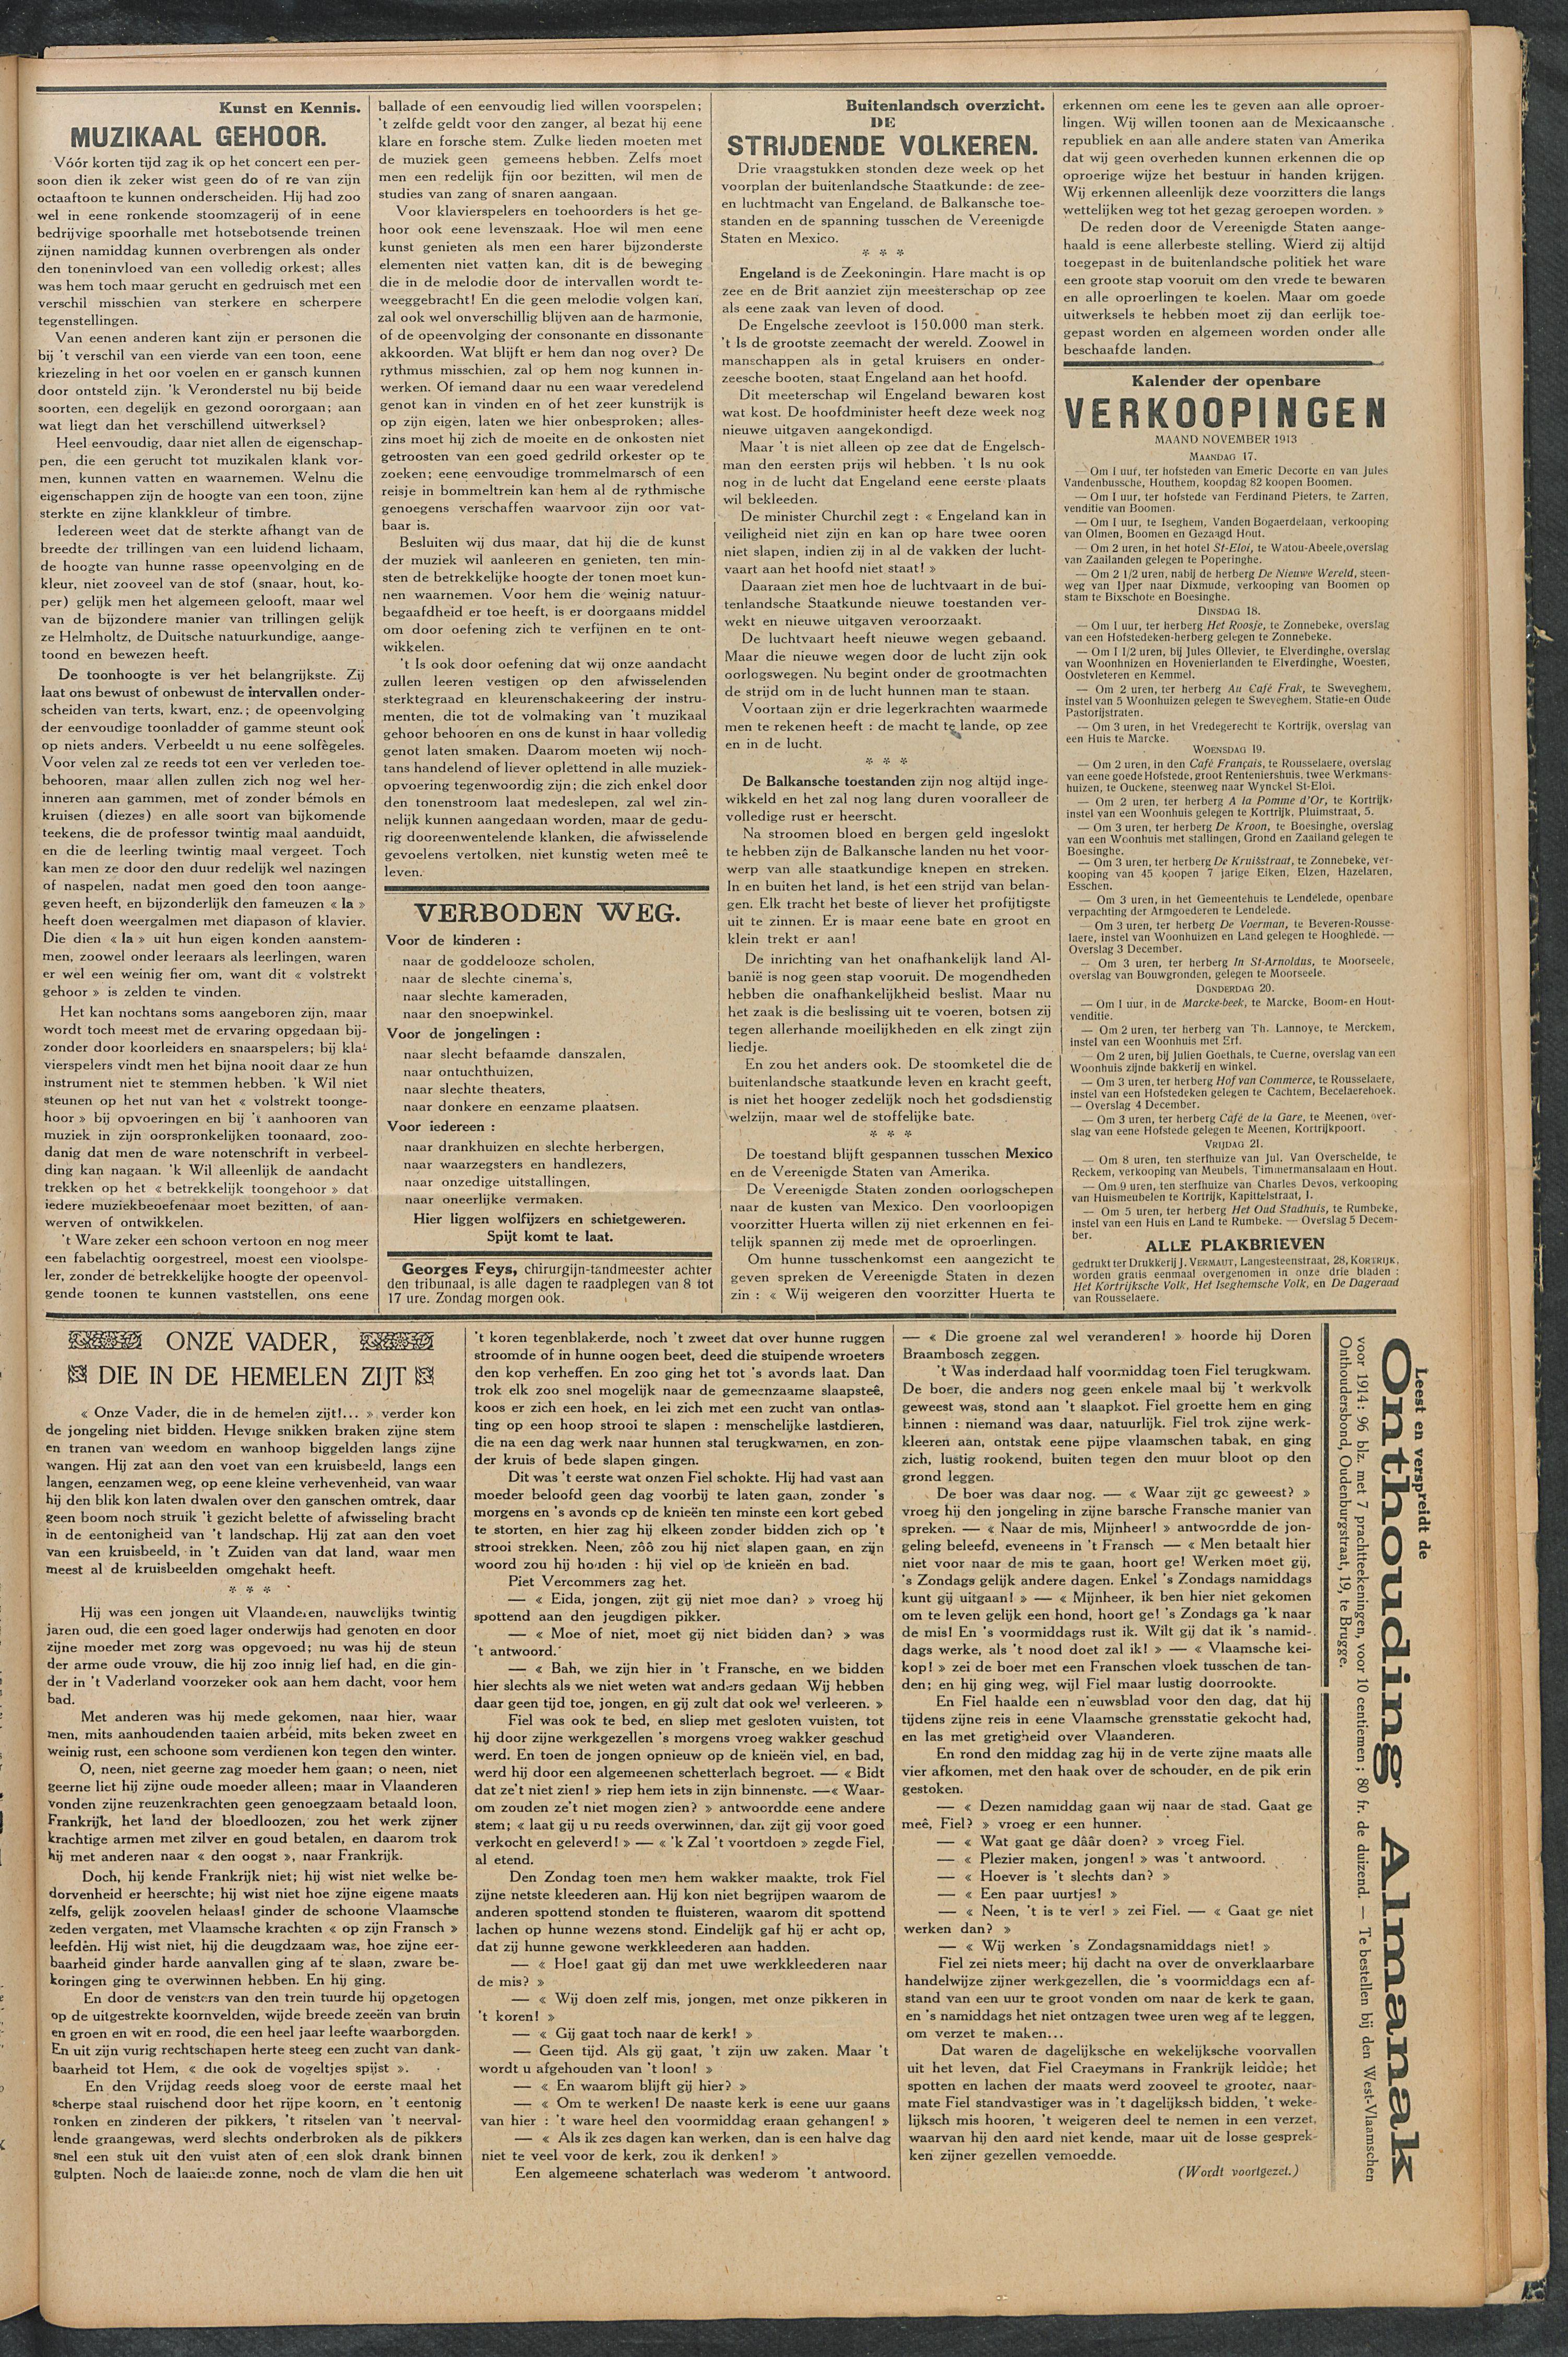 Het Kortrijksche Volk 1913-11-16 p5